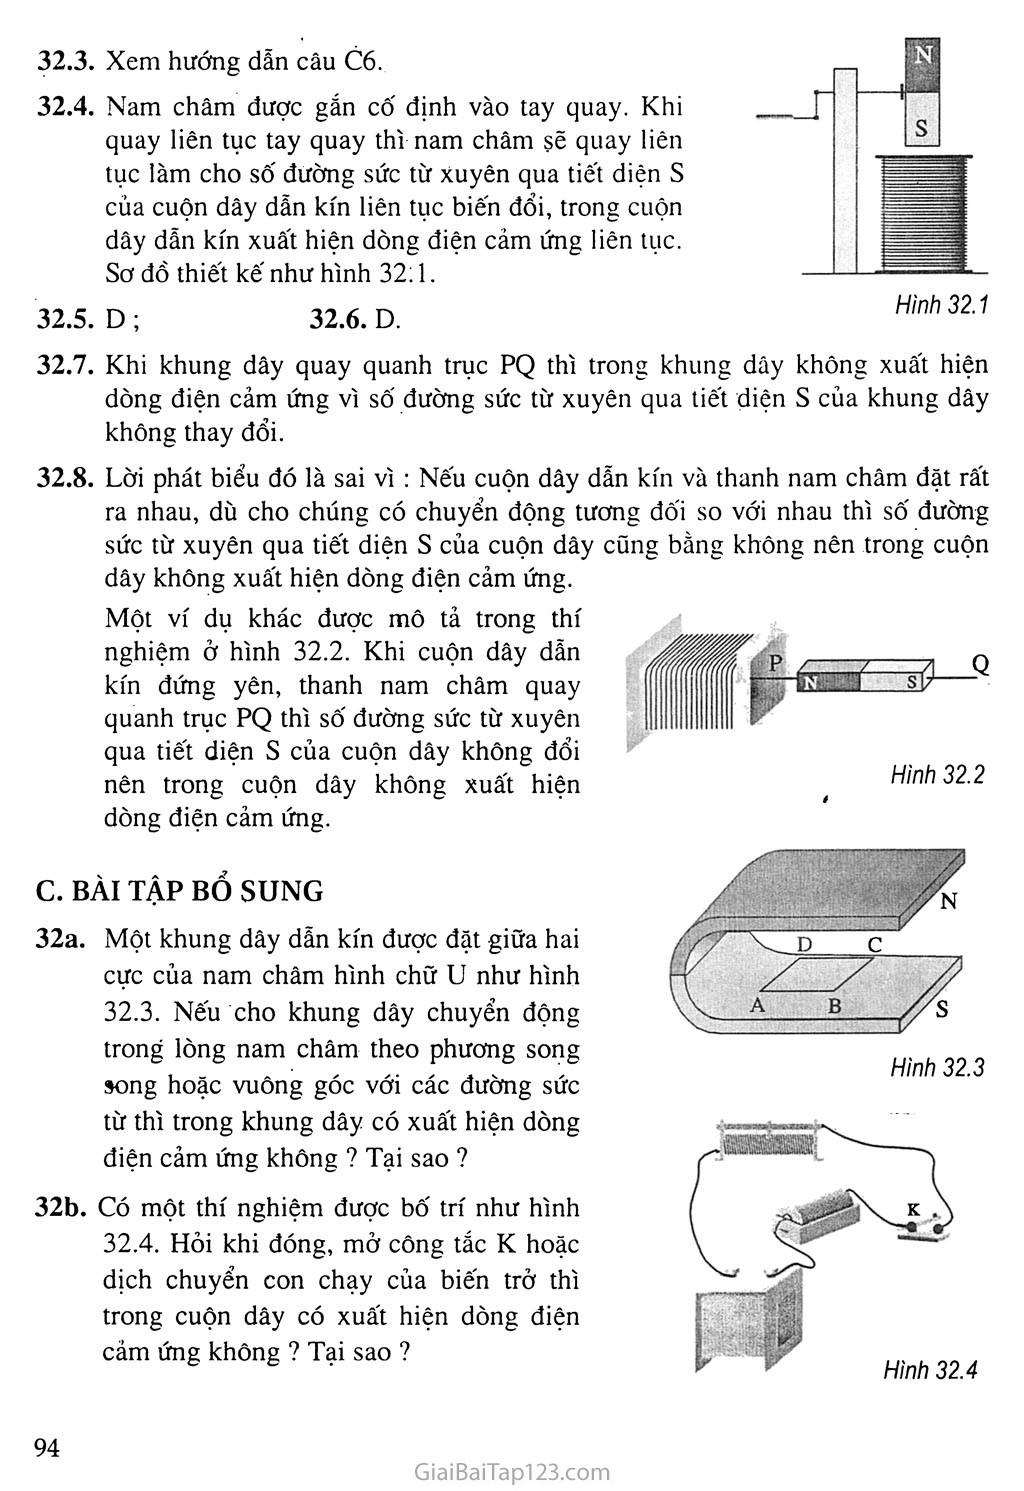 Bài 32: Điều kiện xuất hiện dòng điện cảm ứng trang 3